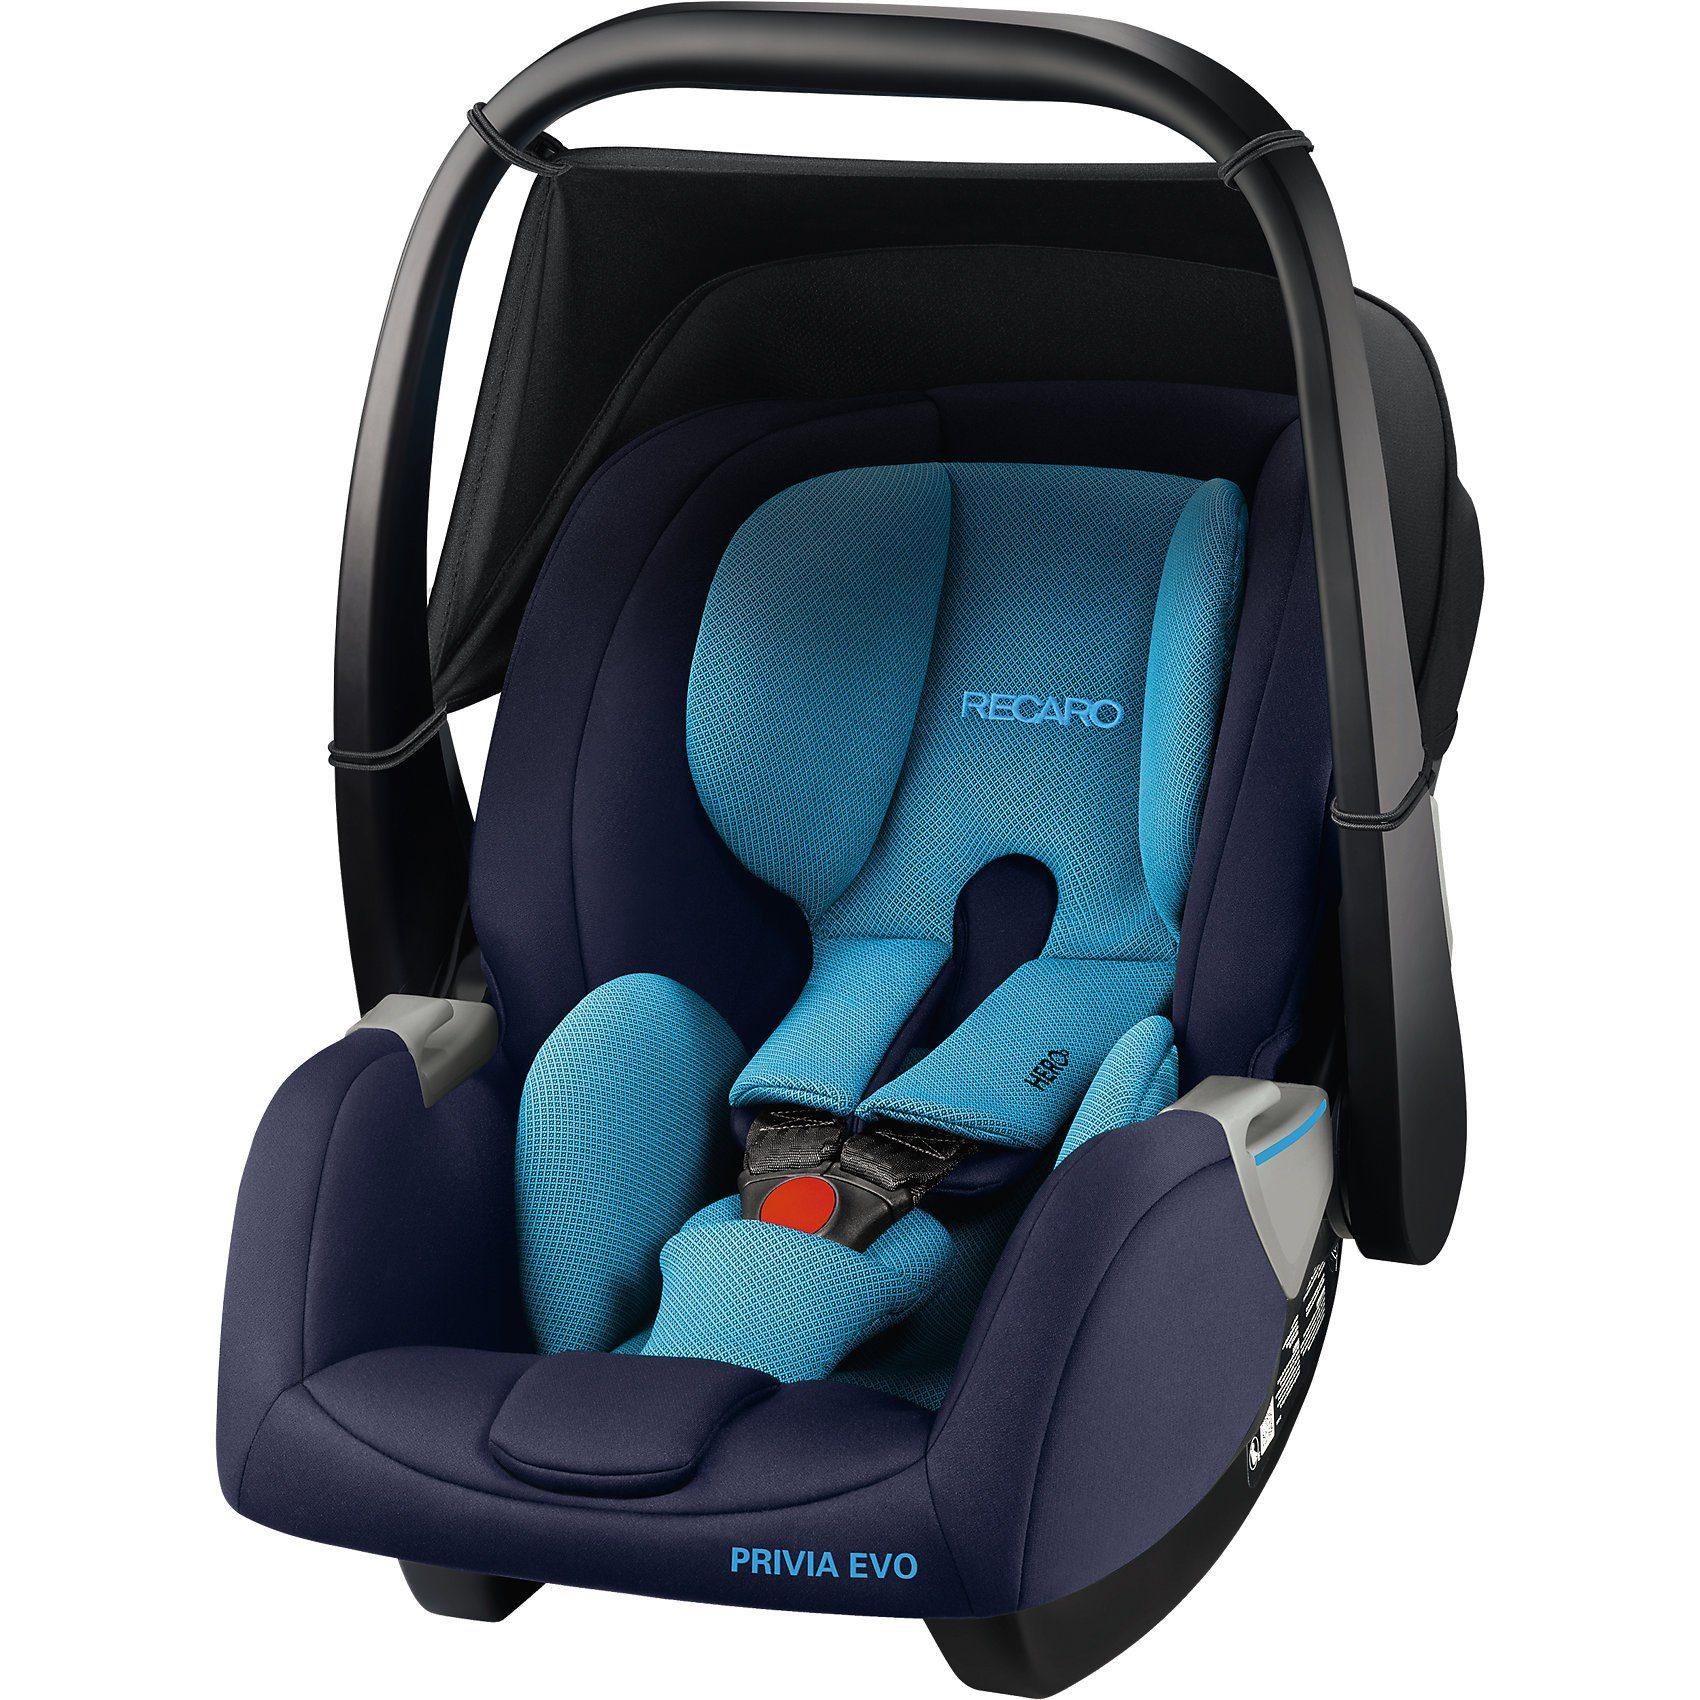 RECARO Babyschale Privia Evo, Xenon Blue